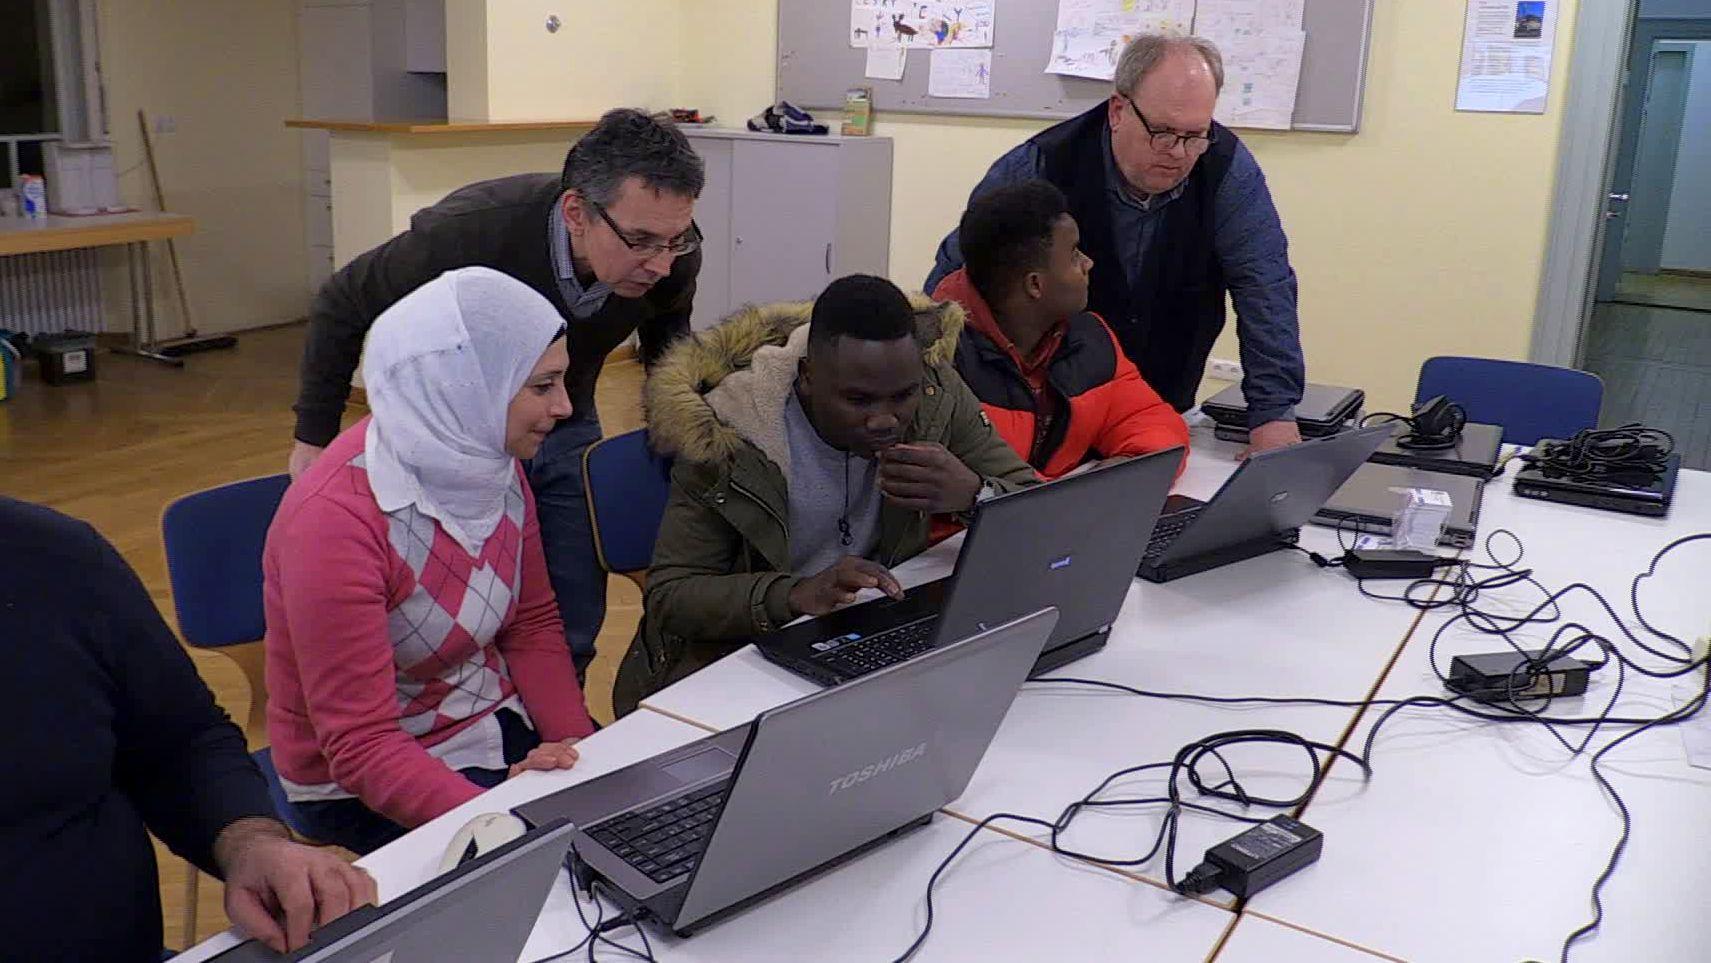 Mitglieder der Computerspende Regensburg erklären neuen Laptop-Besitzern die Geräte